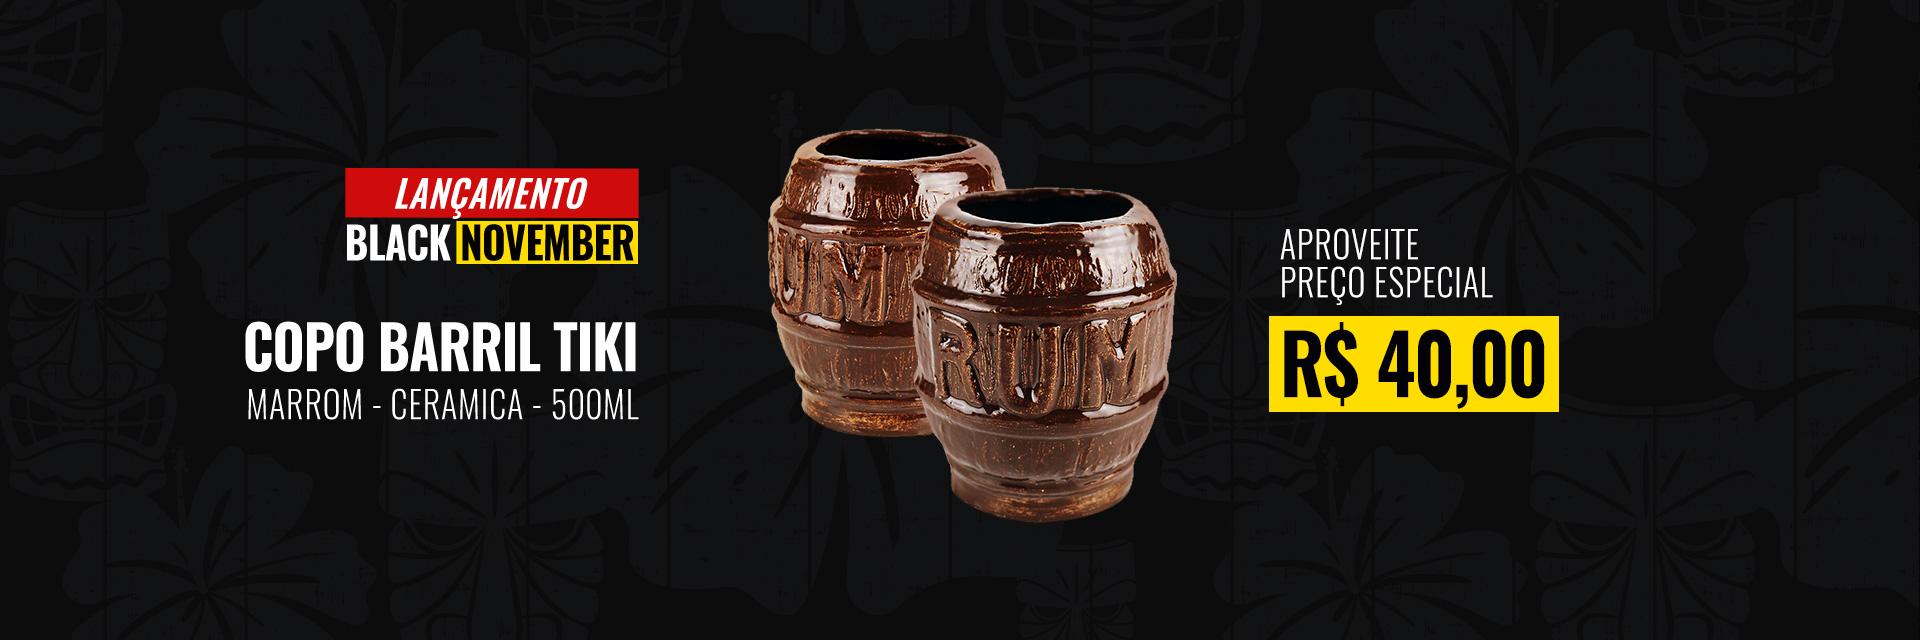 Copo Barril Tiki Cerâmica 500ml - Desconto Balck November